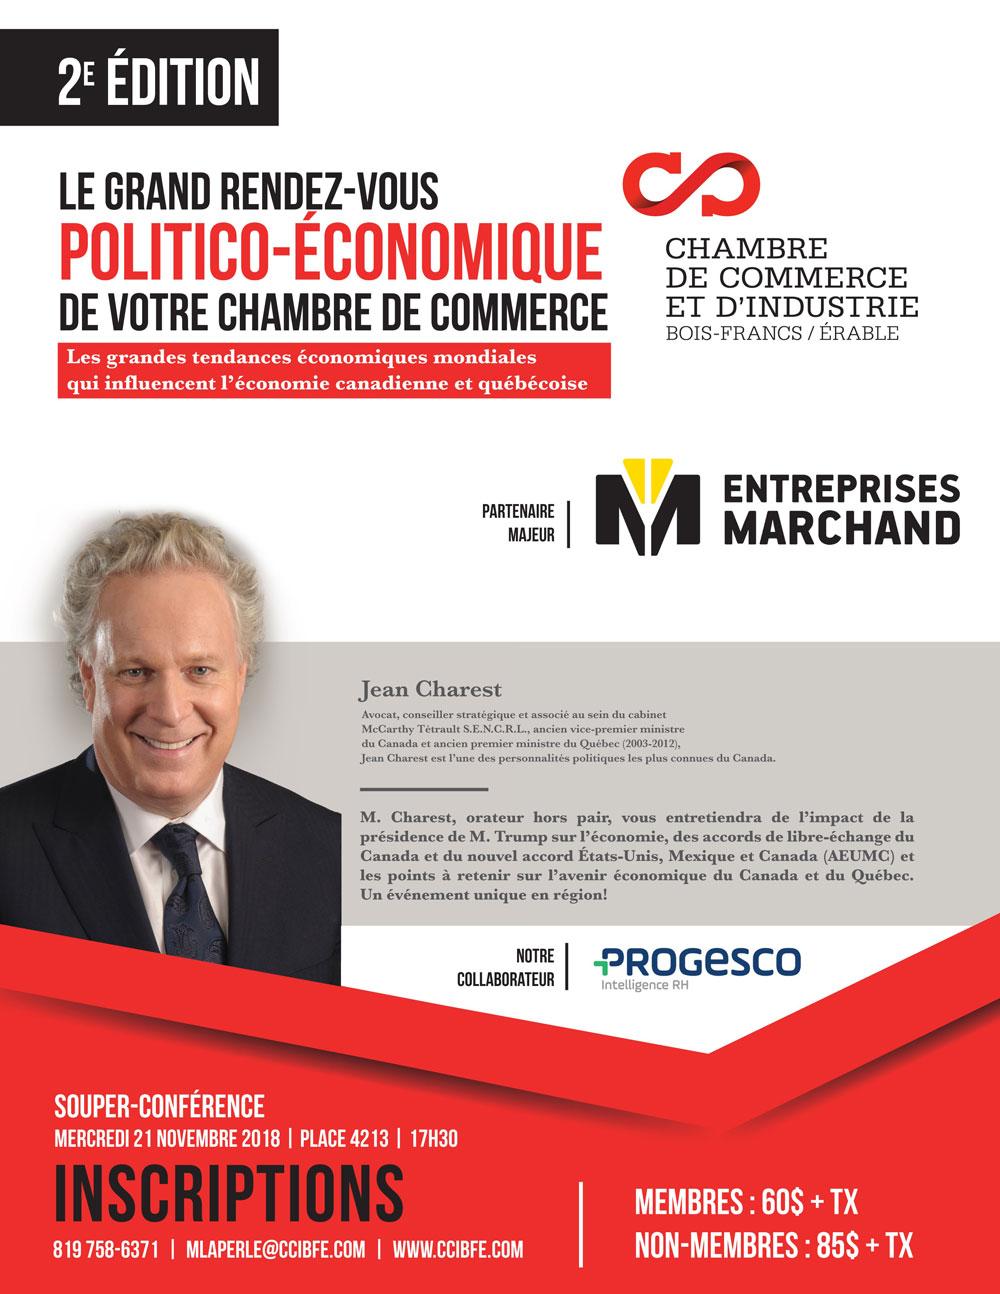 Affiche officielle de l'événement